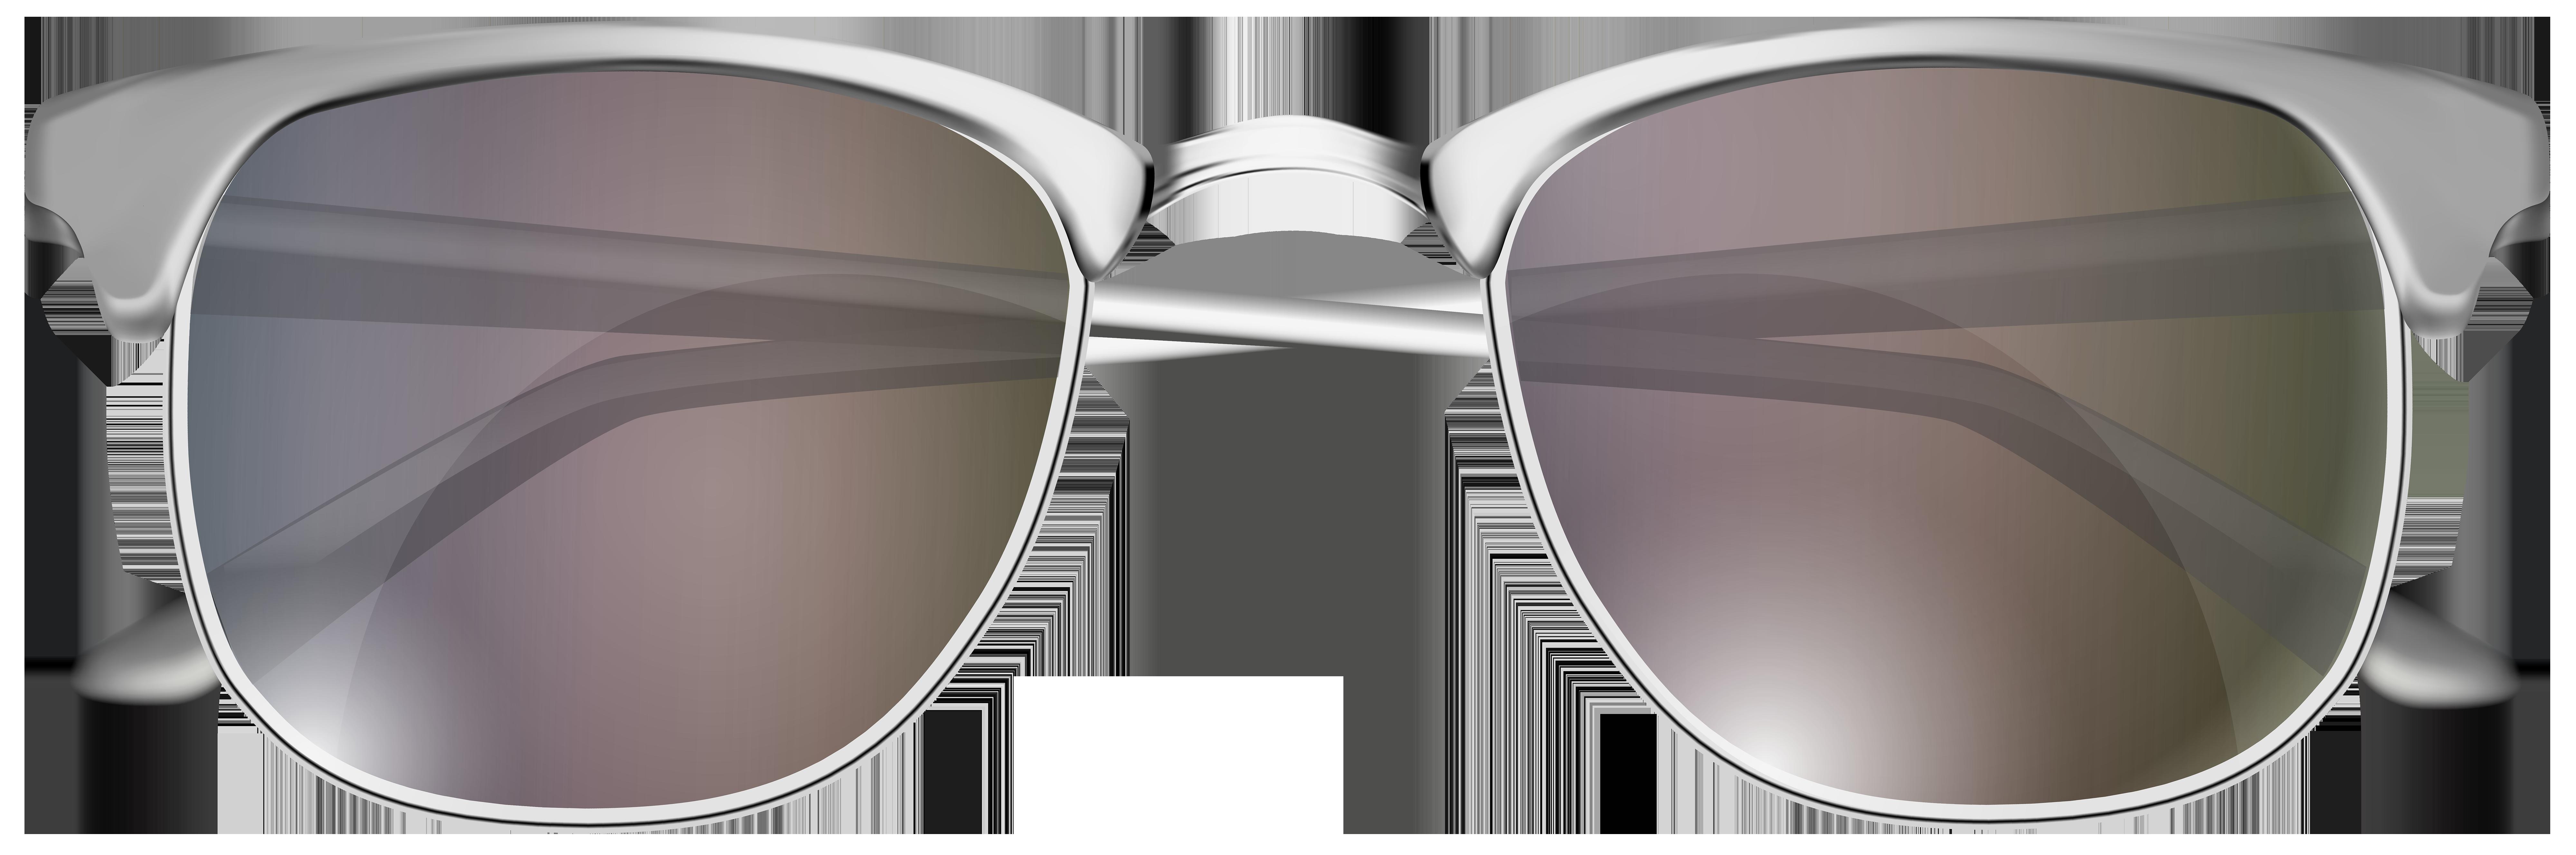 Sunglasses clipart border. Transparent png clip art